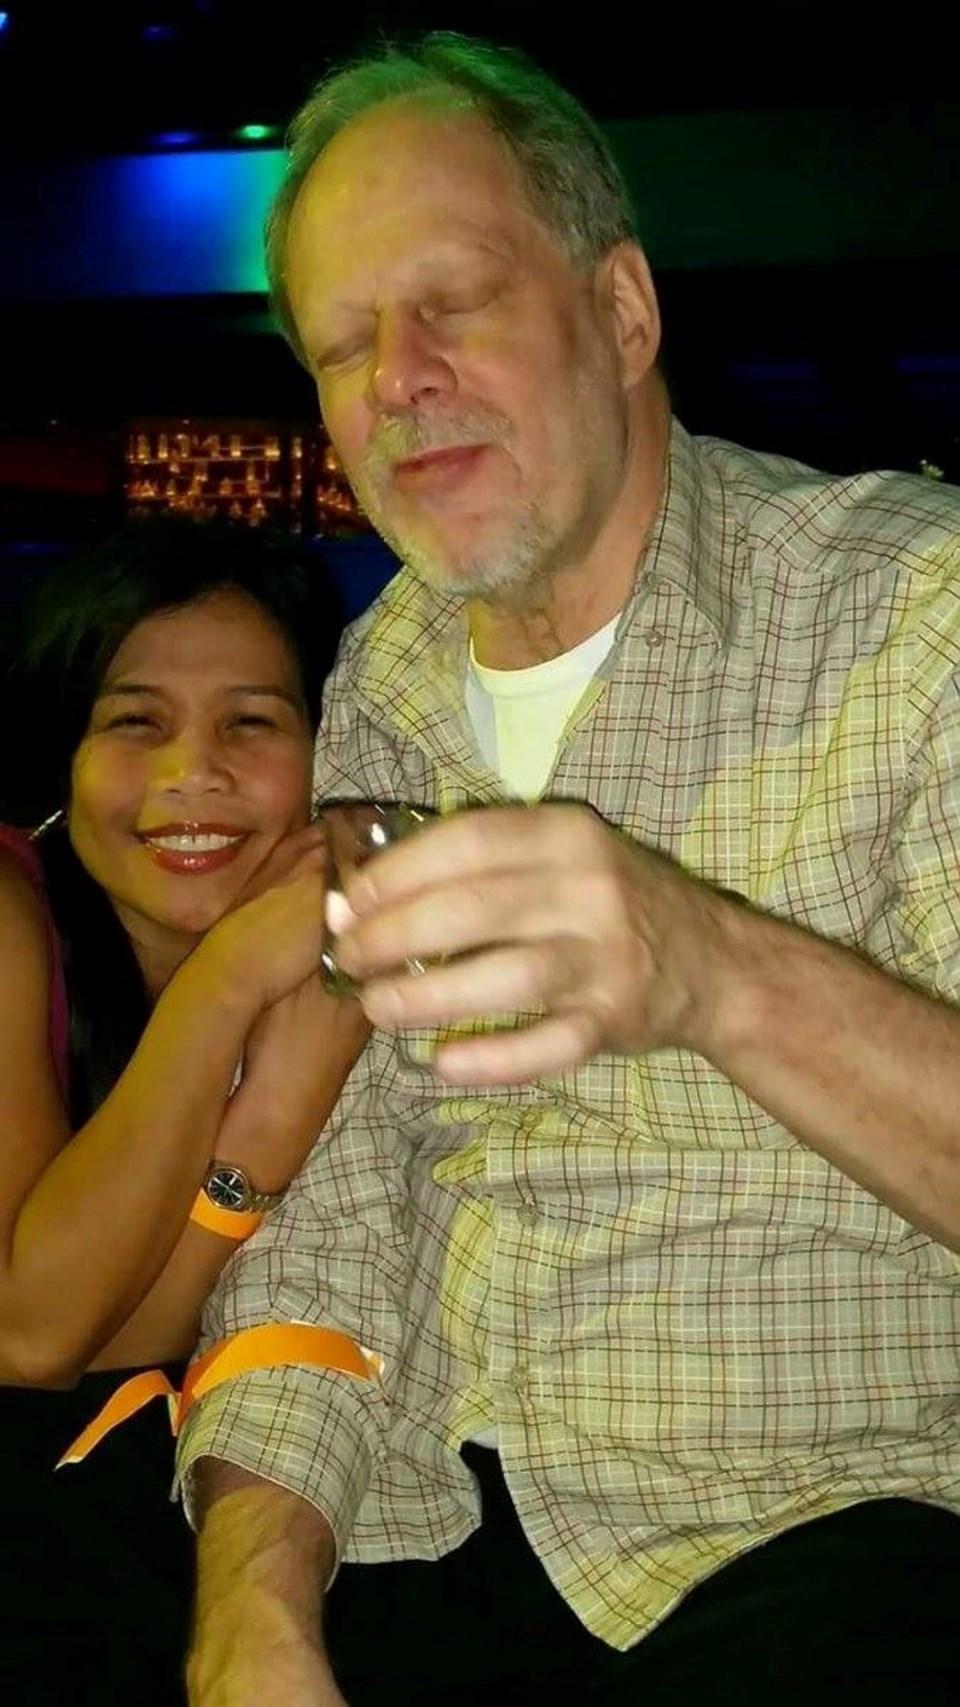 NBC televizyonu saldırganın adının Stephen Paddock olduğunu duyurdu. Olay yerine Marilou Danley ile birlikte geldiği bildirildi.